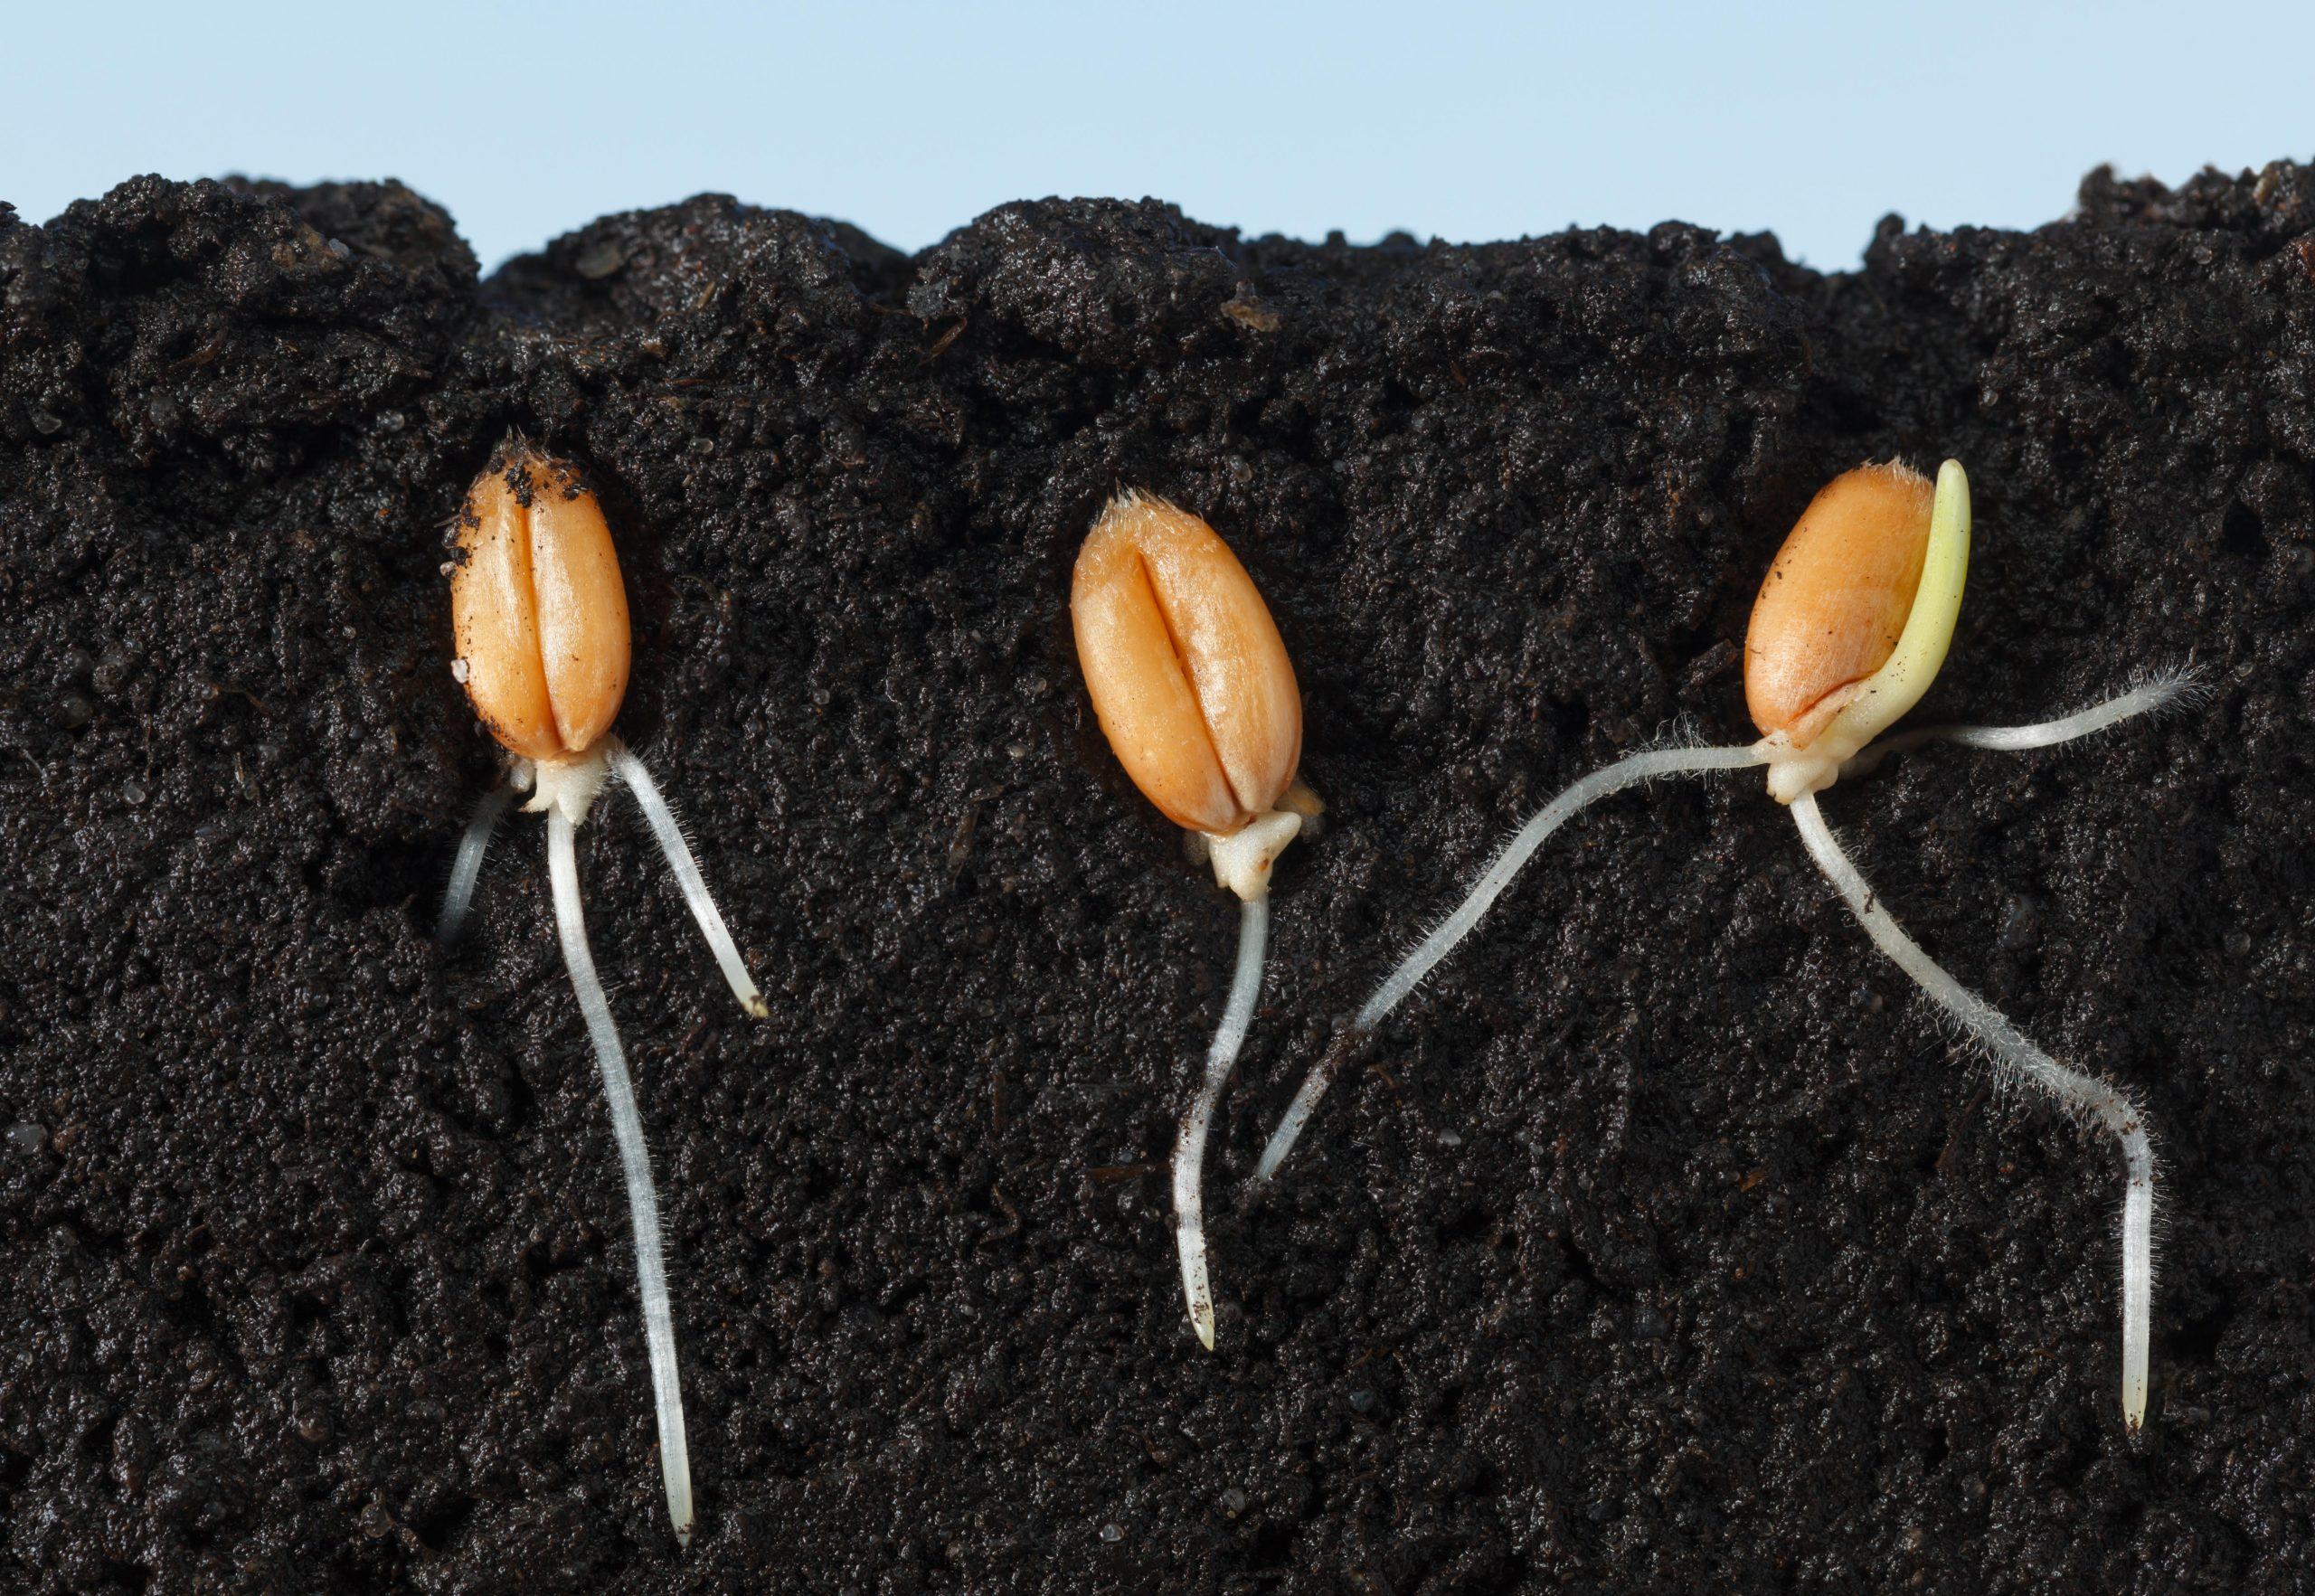 Biotecnología:  Innovar desde la semilla para alimentar al mundo